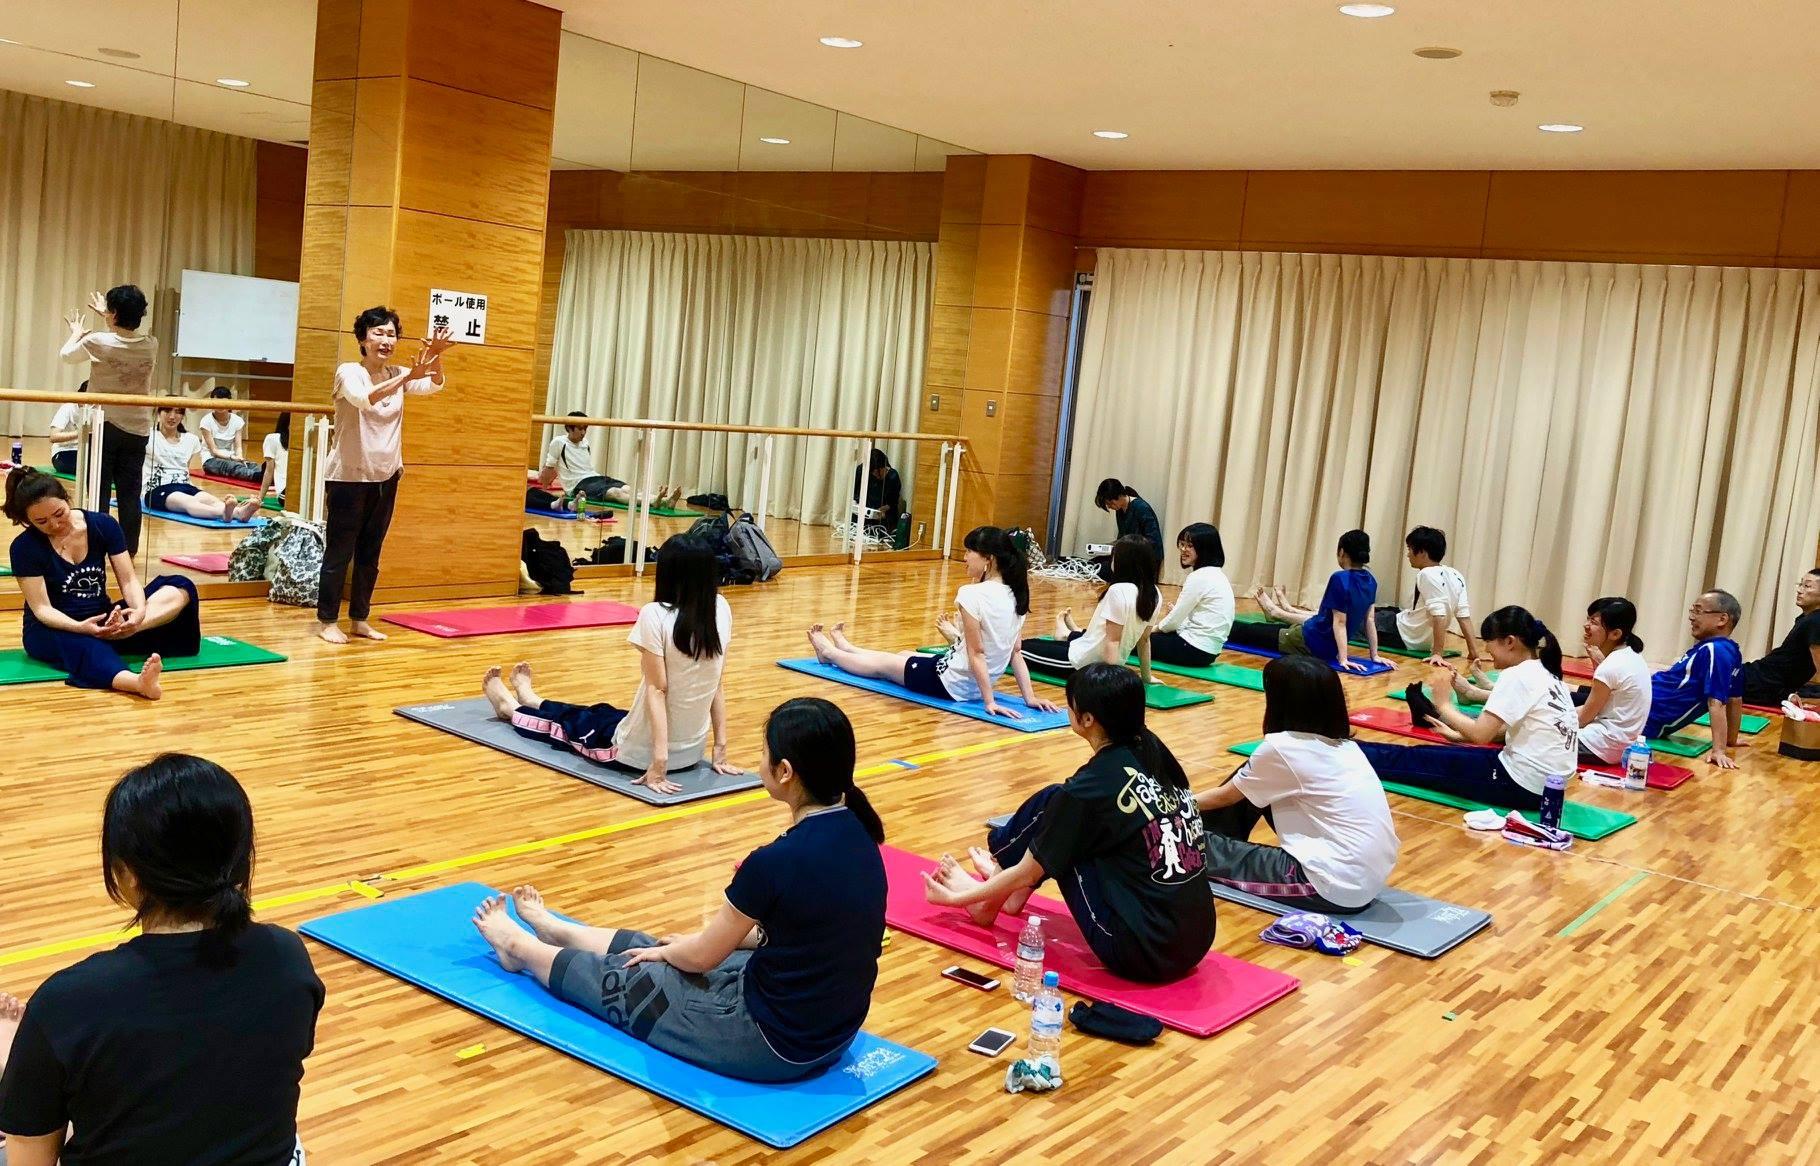 神戸常盤大学ヨガ部での定期指導ご報告